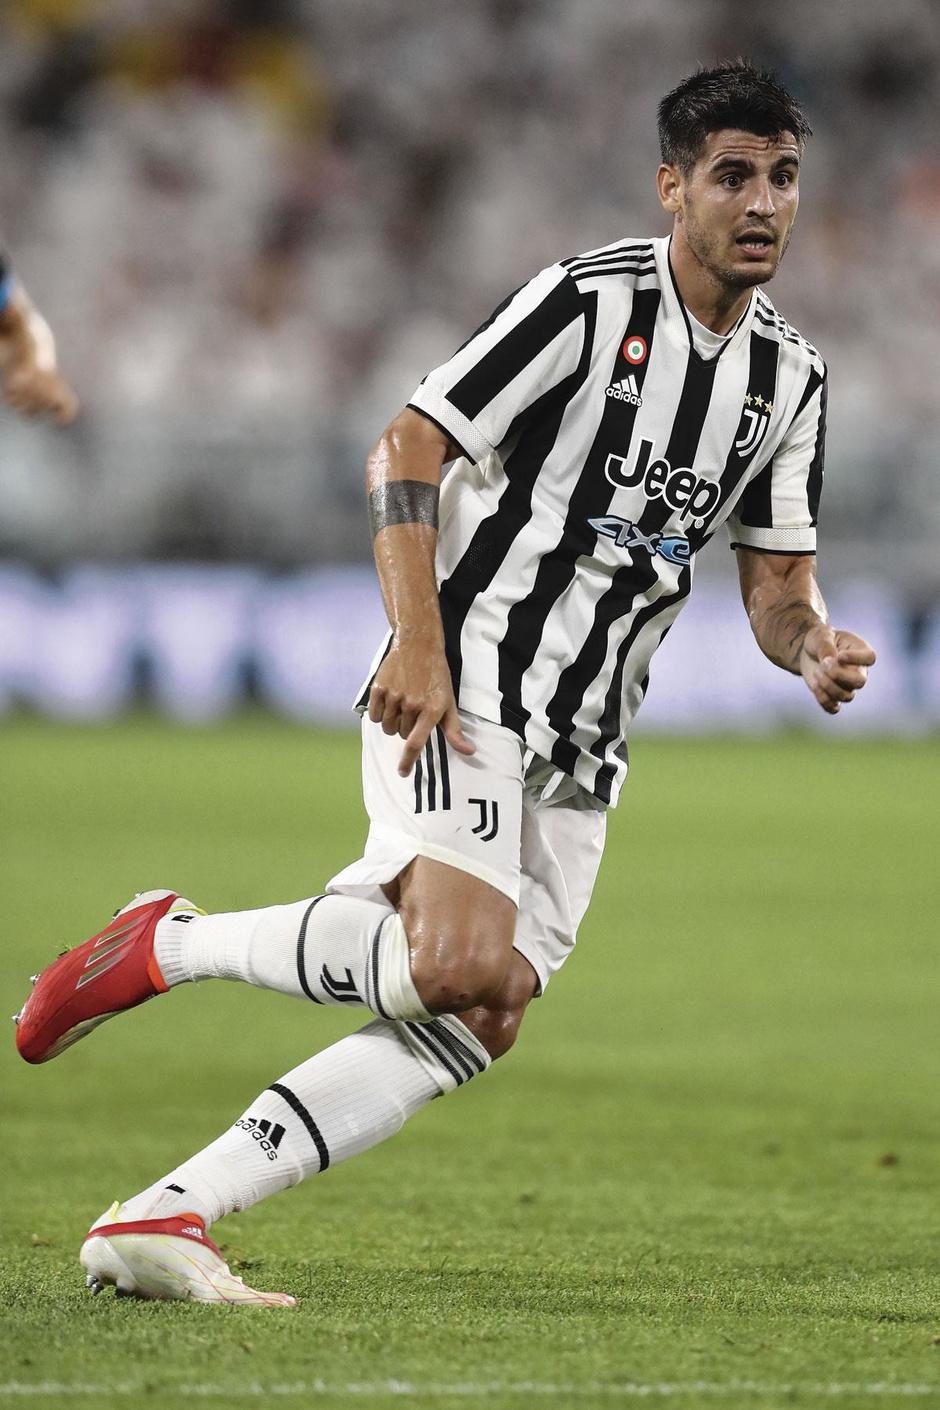 Napoli-Juventus, symbool voor de rivaliteit tussen het zuiden en het noorden van Italië